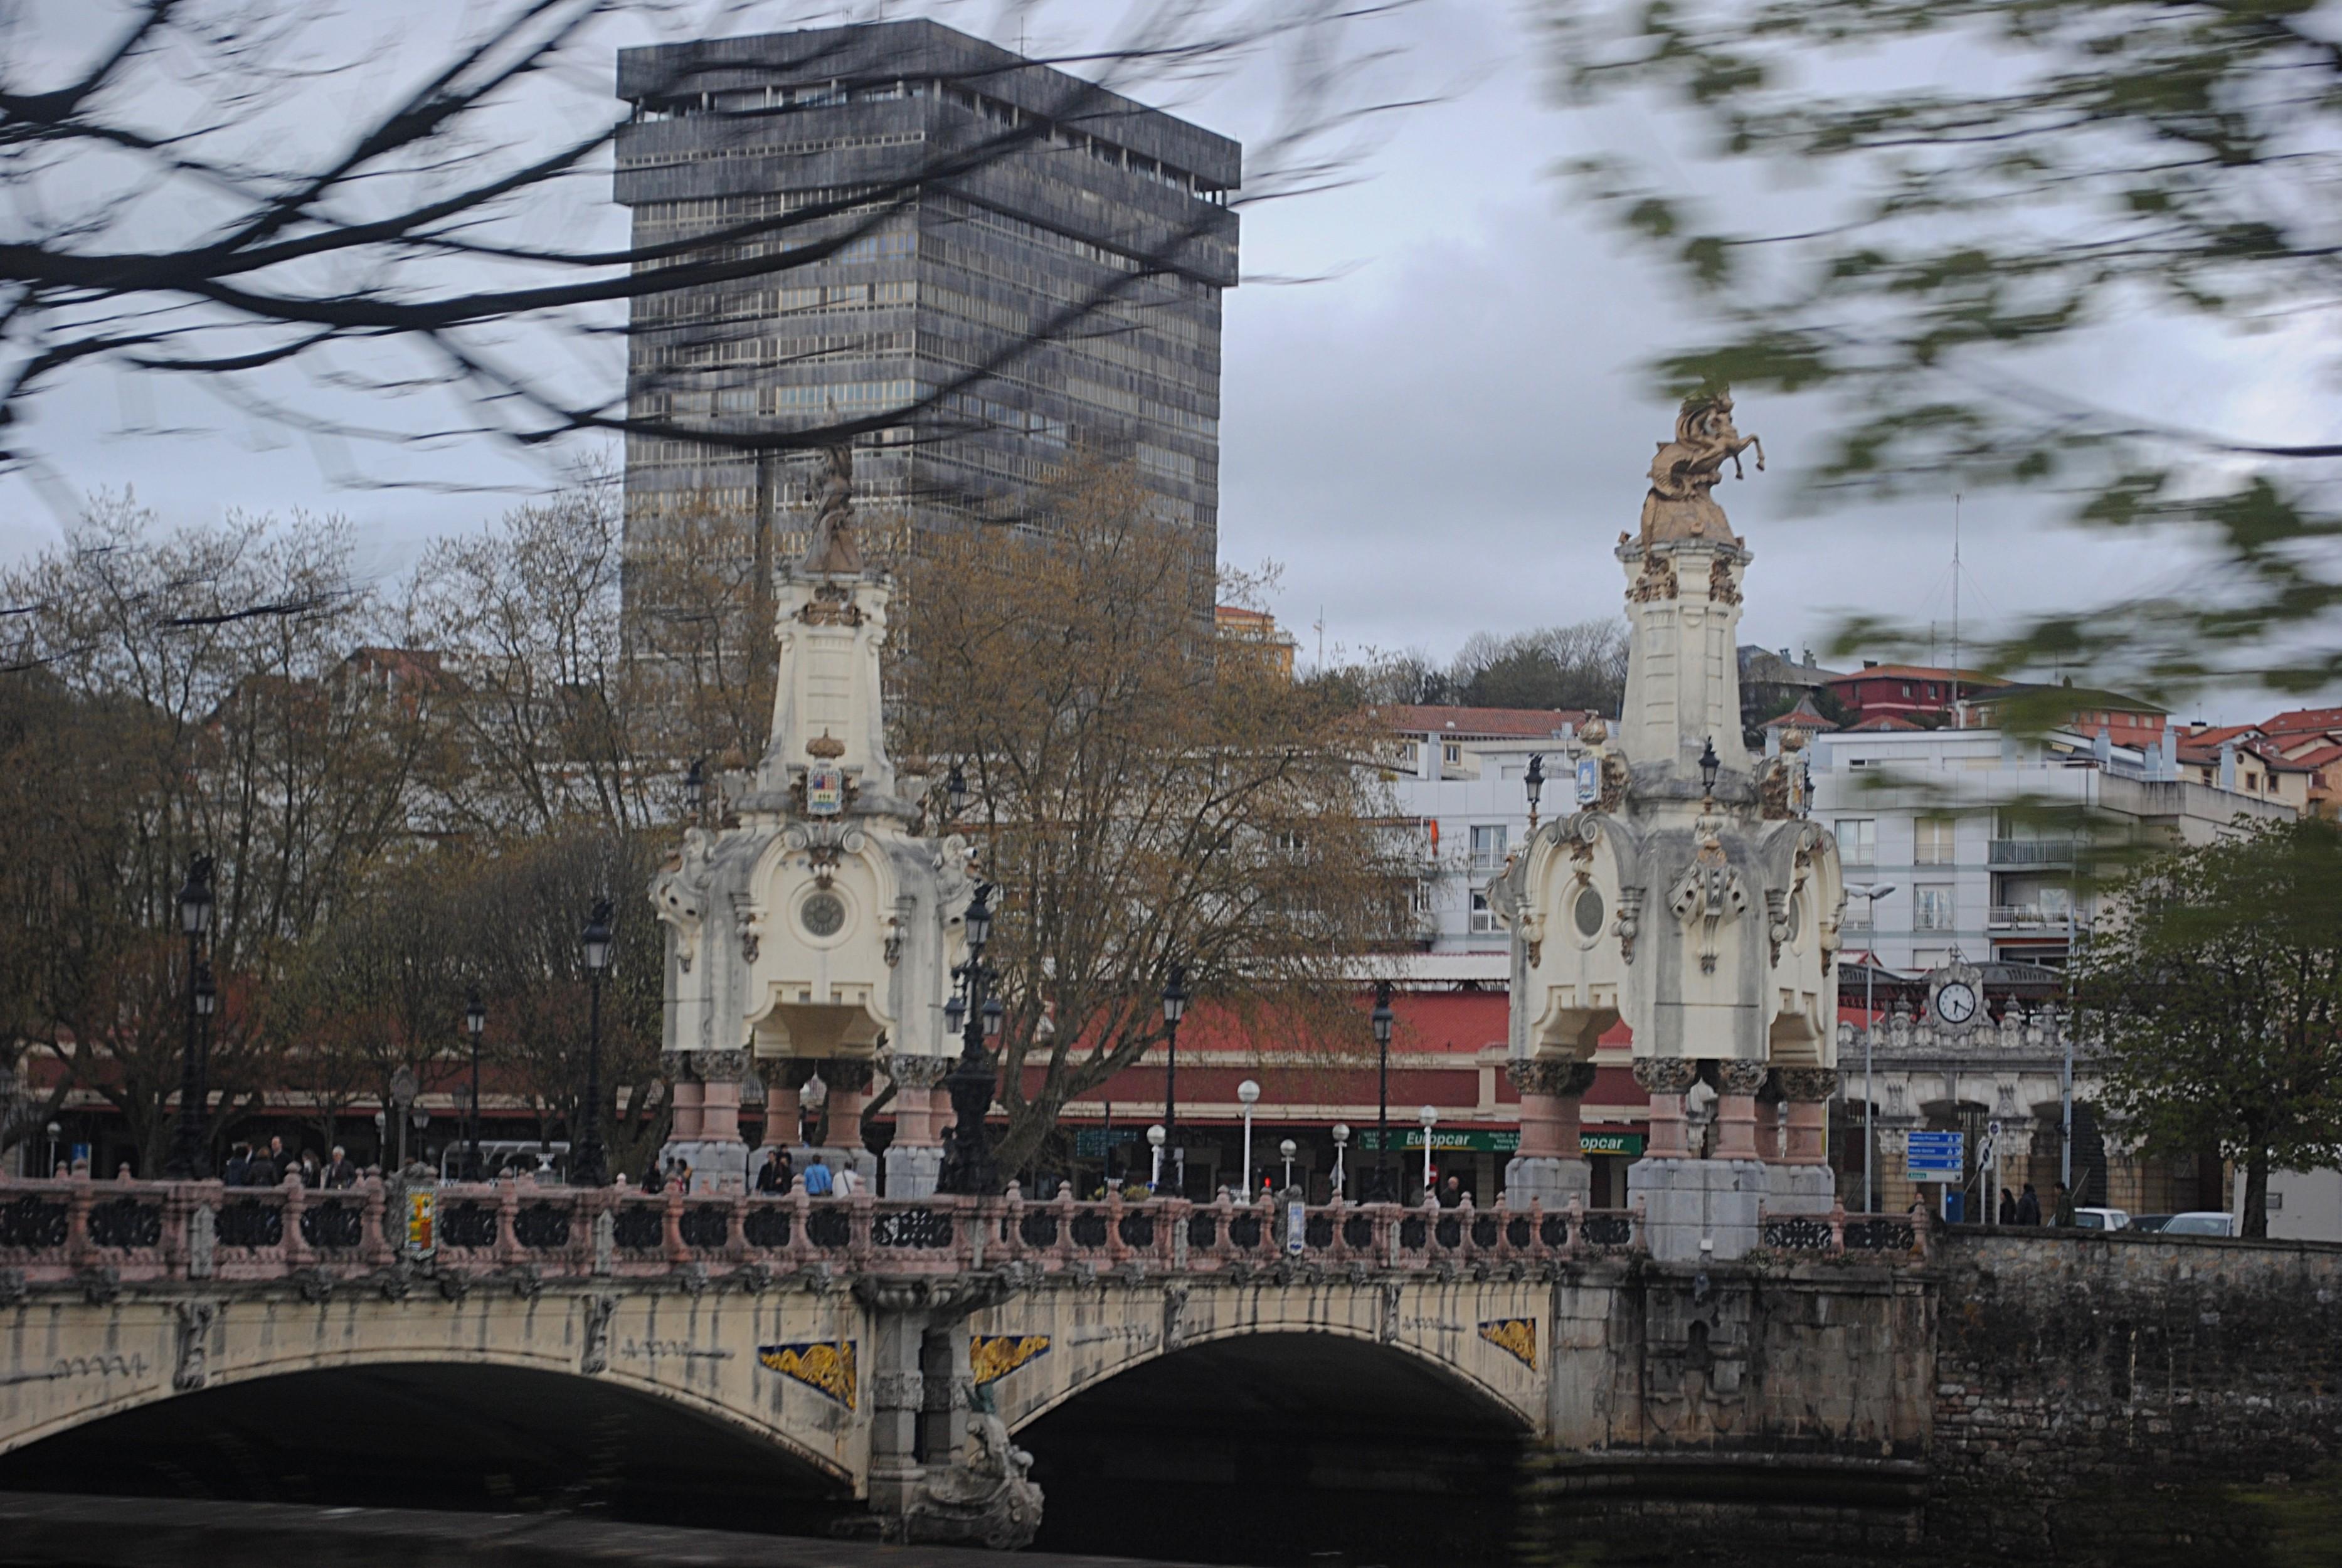 """Вот такие уродливые сооружения в качестве """"фона"""" для красивых исторических построек в Испании (как и в России) — не редкость. Фотография из того самого города Сан-Себастьян, где ежегодно проводится знаменитый кинофестиваль"""